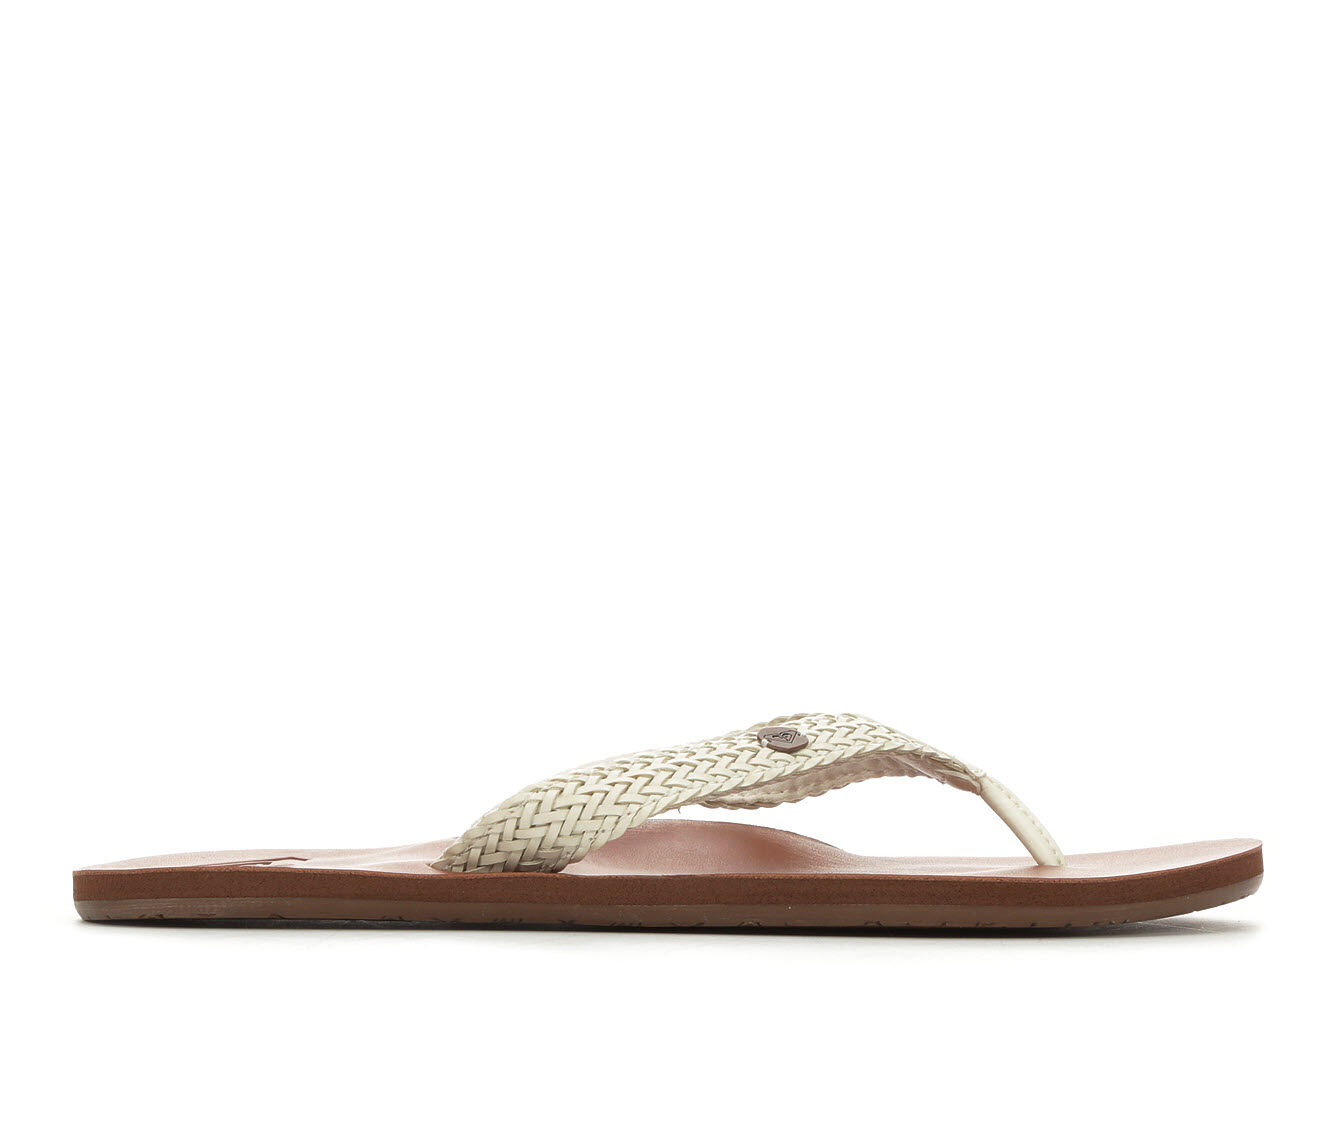 Women's Roxy Lola Flip-Flops White